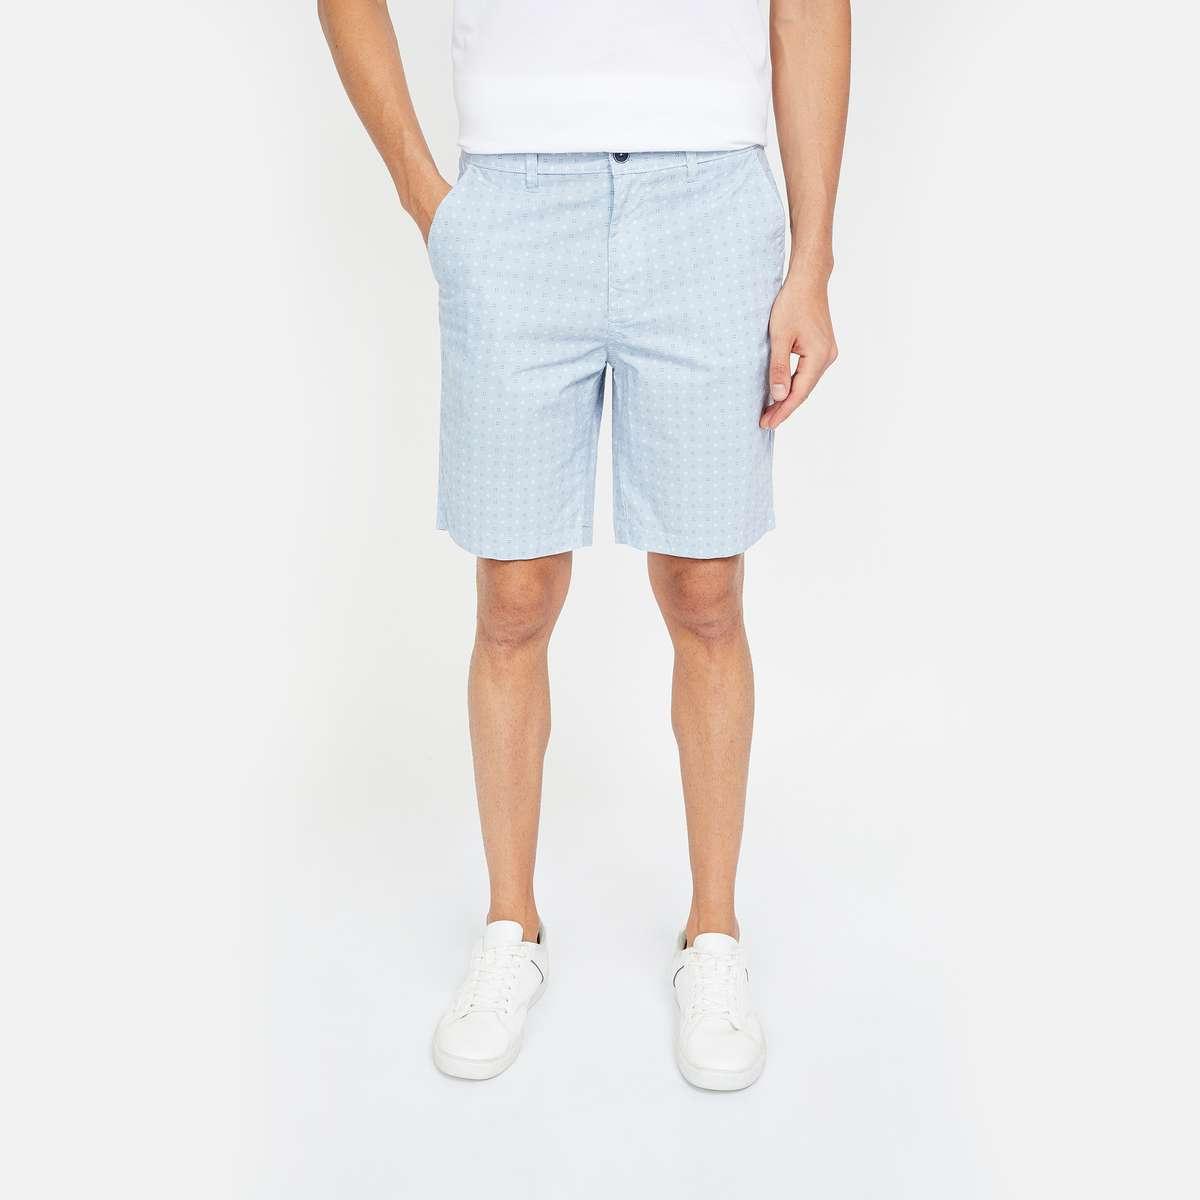 CODE Printed Regular Fit Shorts